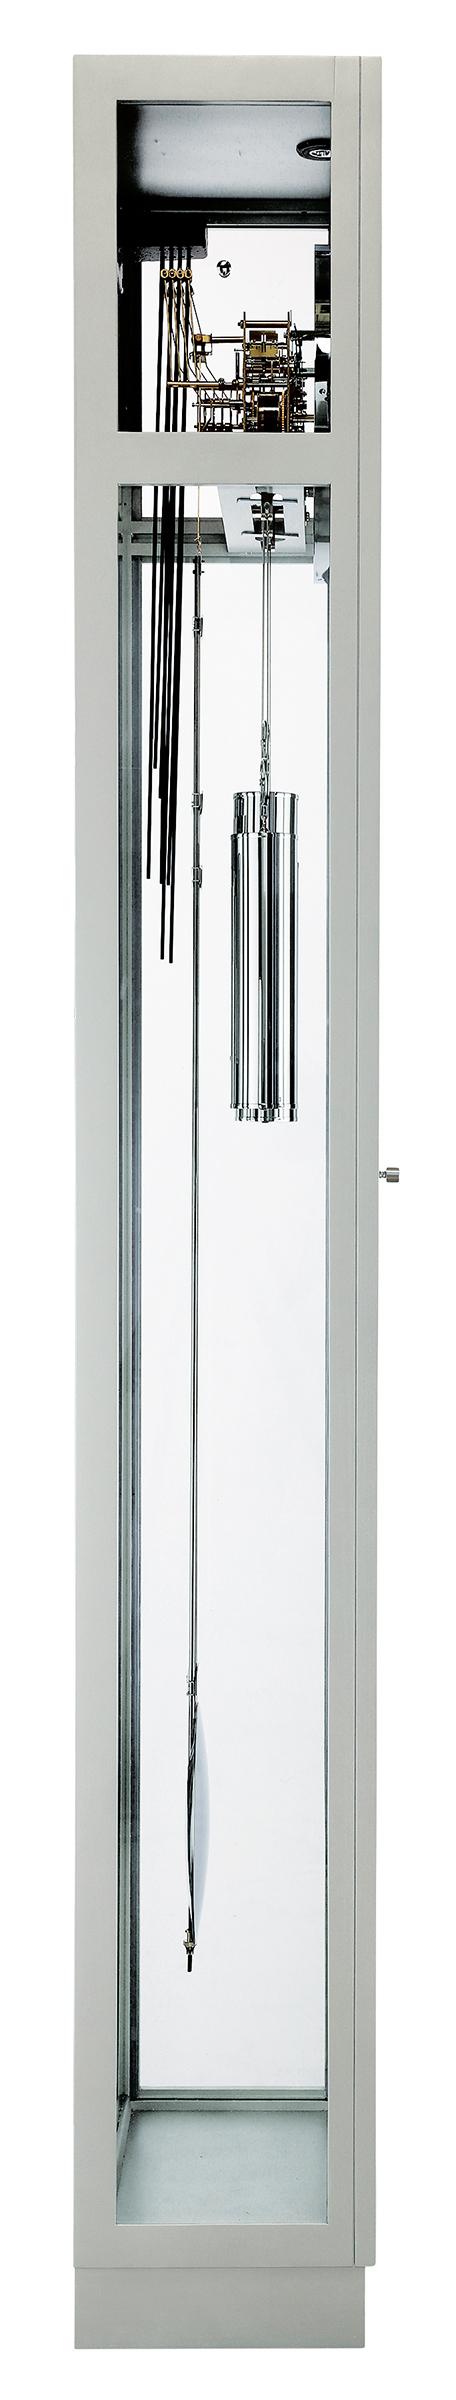 611-291 Brenner II